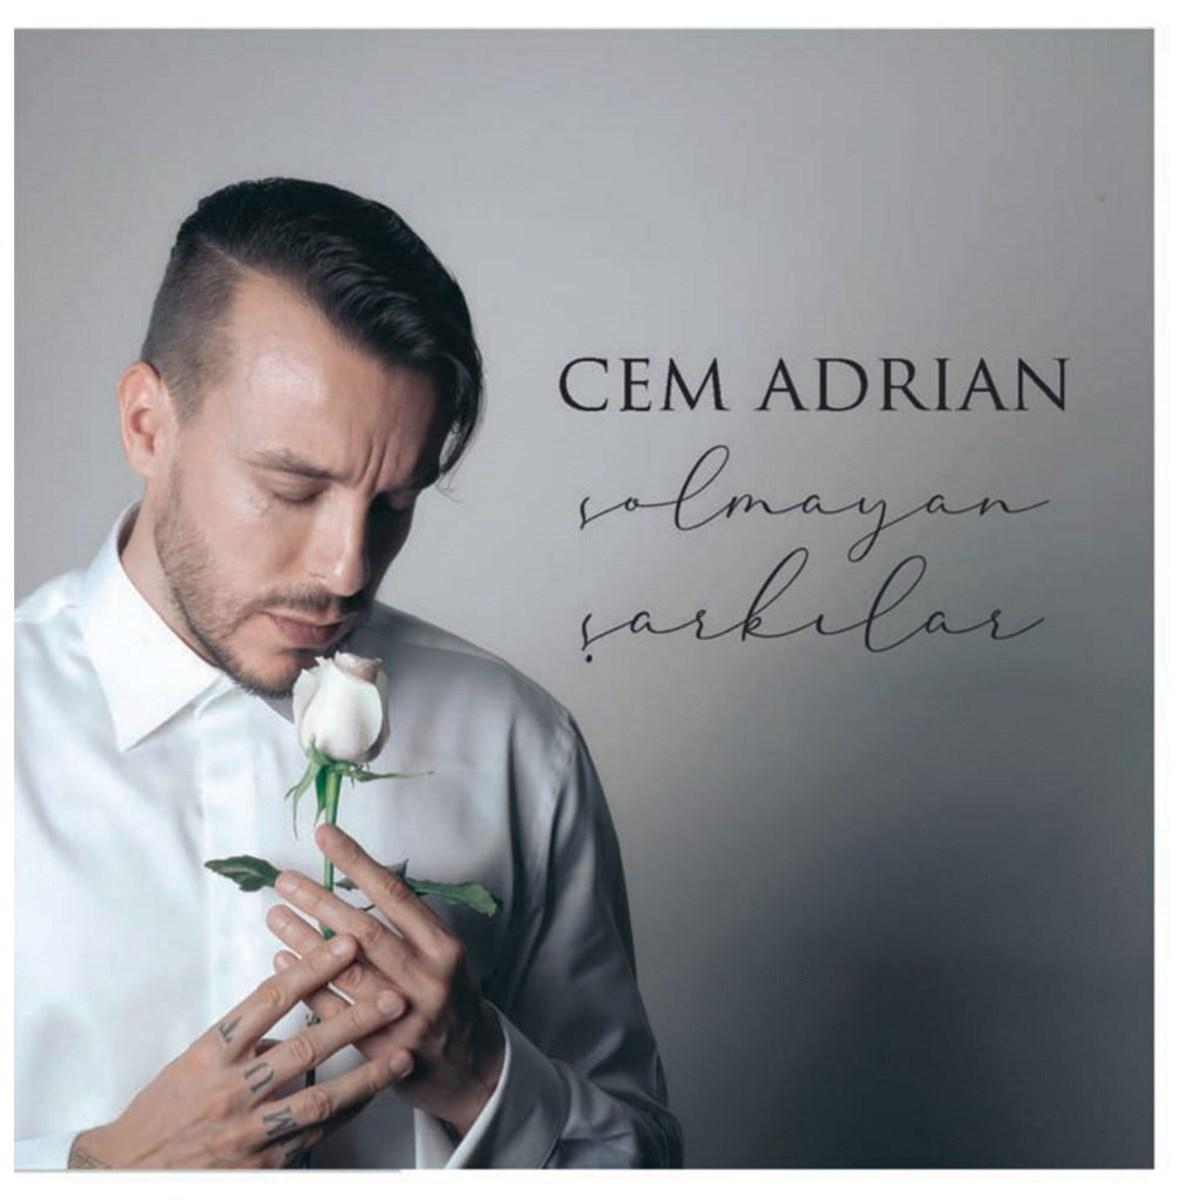 Cem Adrian - Solmayan Şarkılar